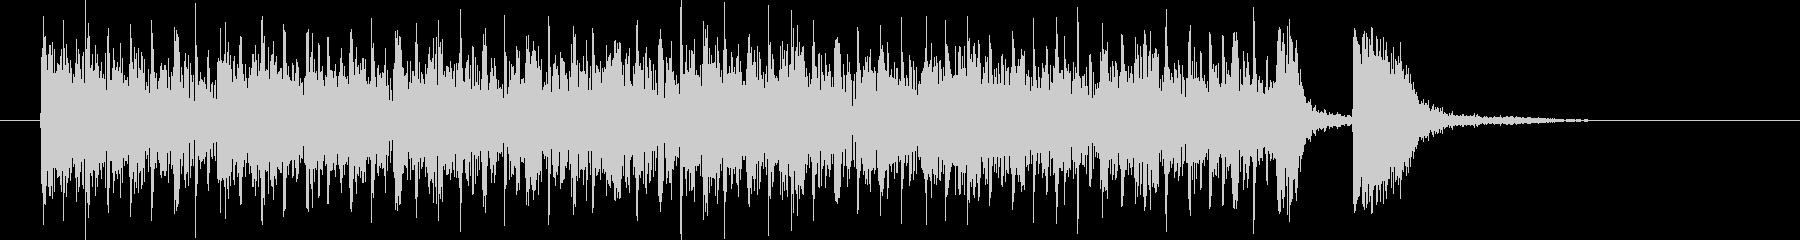 うねるベースと躍動感あるドラムのハウスの未再生の波形